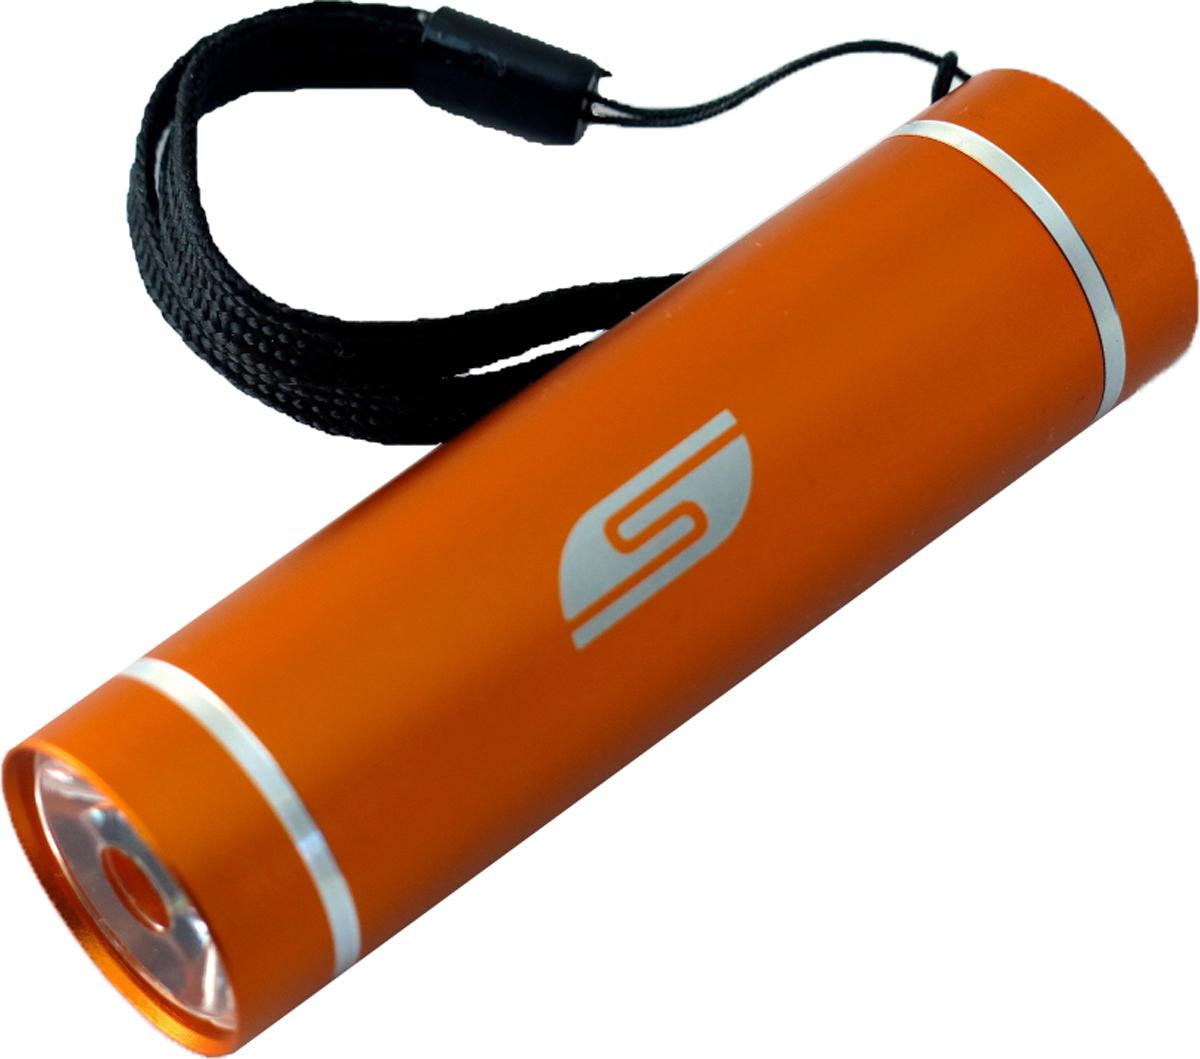 Фонарь SolarisT-5, ручной, цвет: оранжевый фонари solaris оранжевый налобный фонарь